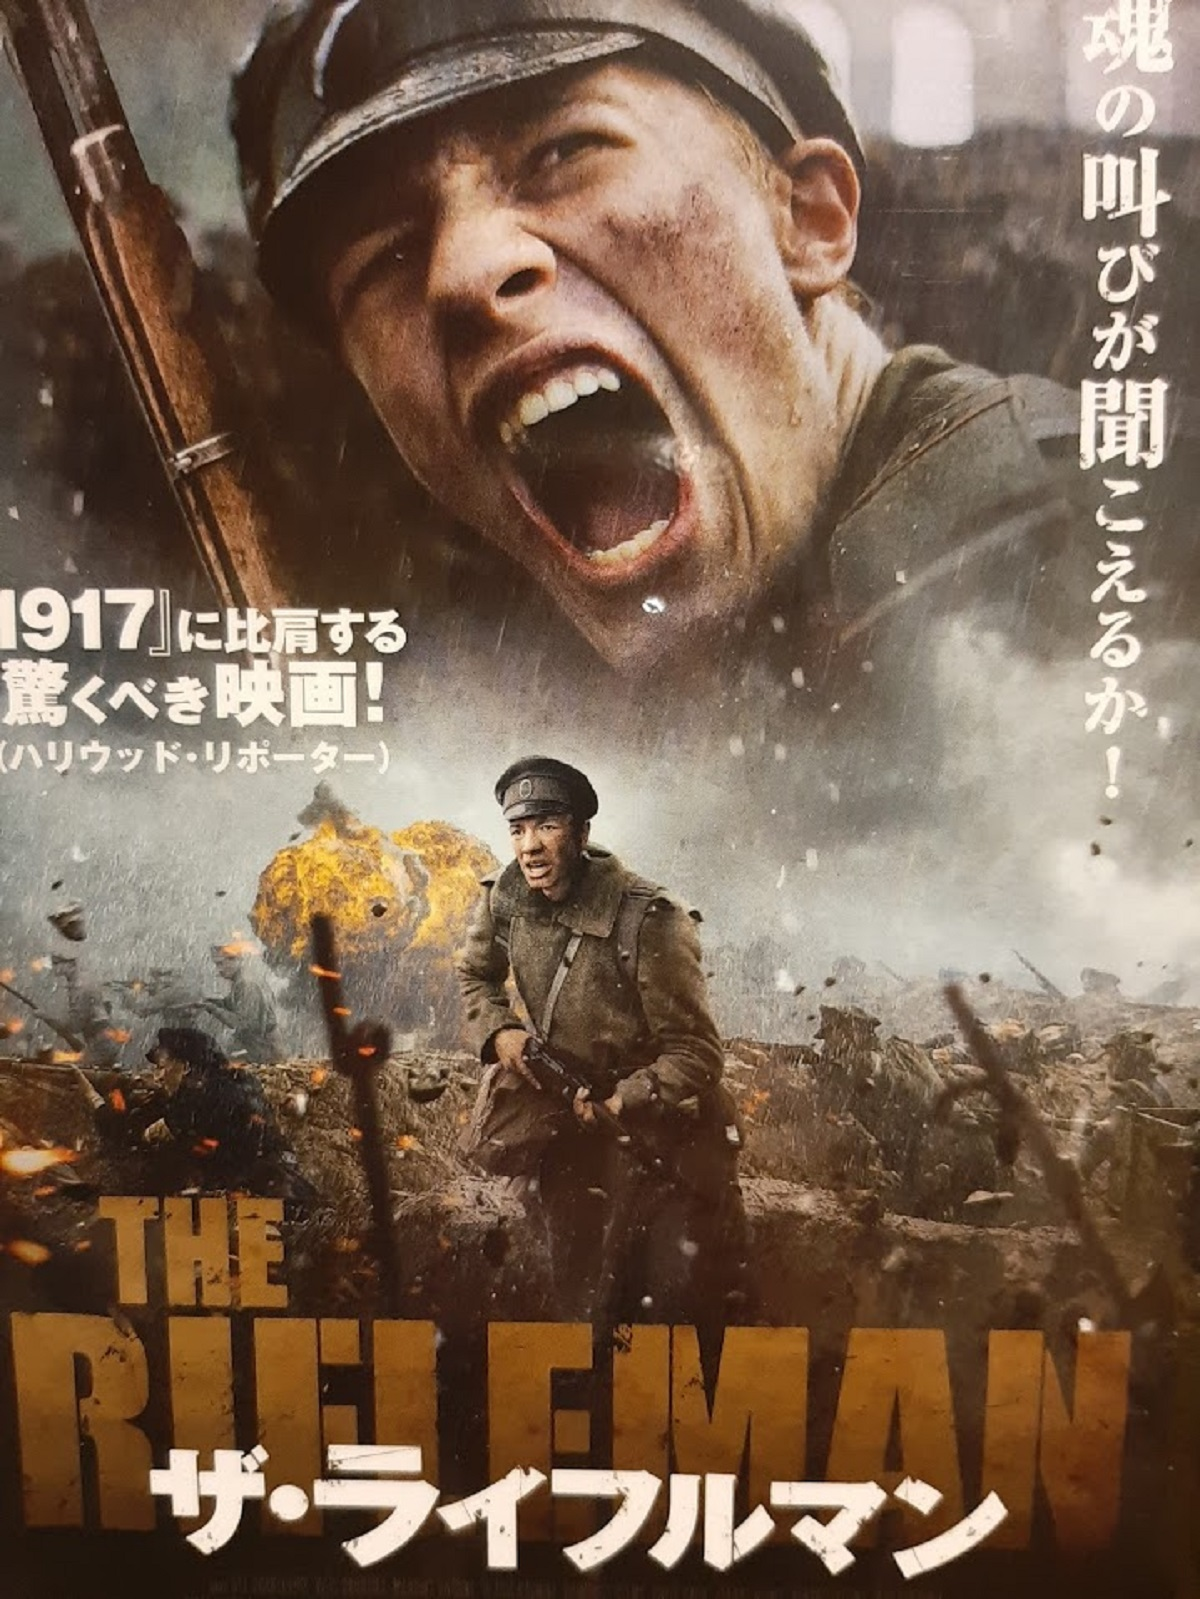 映画『ザ・ライフルマン』のチラシポスター